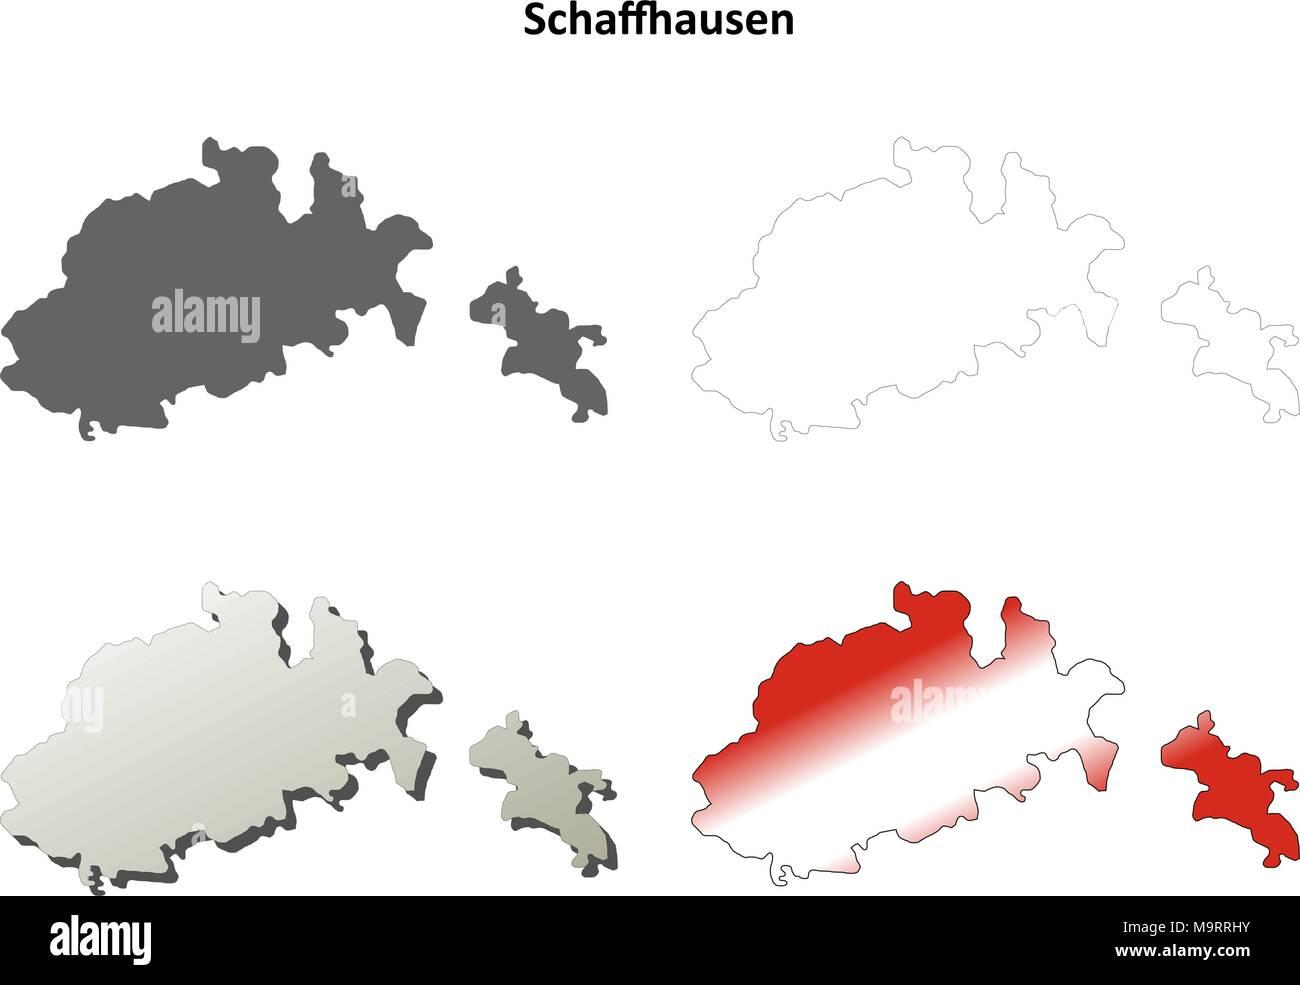 Schaffhausen Map Vector Stock Photos Schaffhausen Map Vector Stock